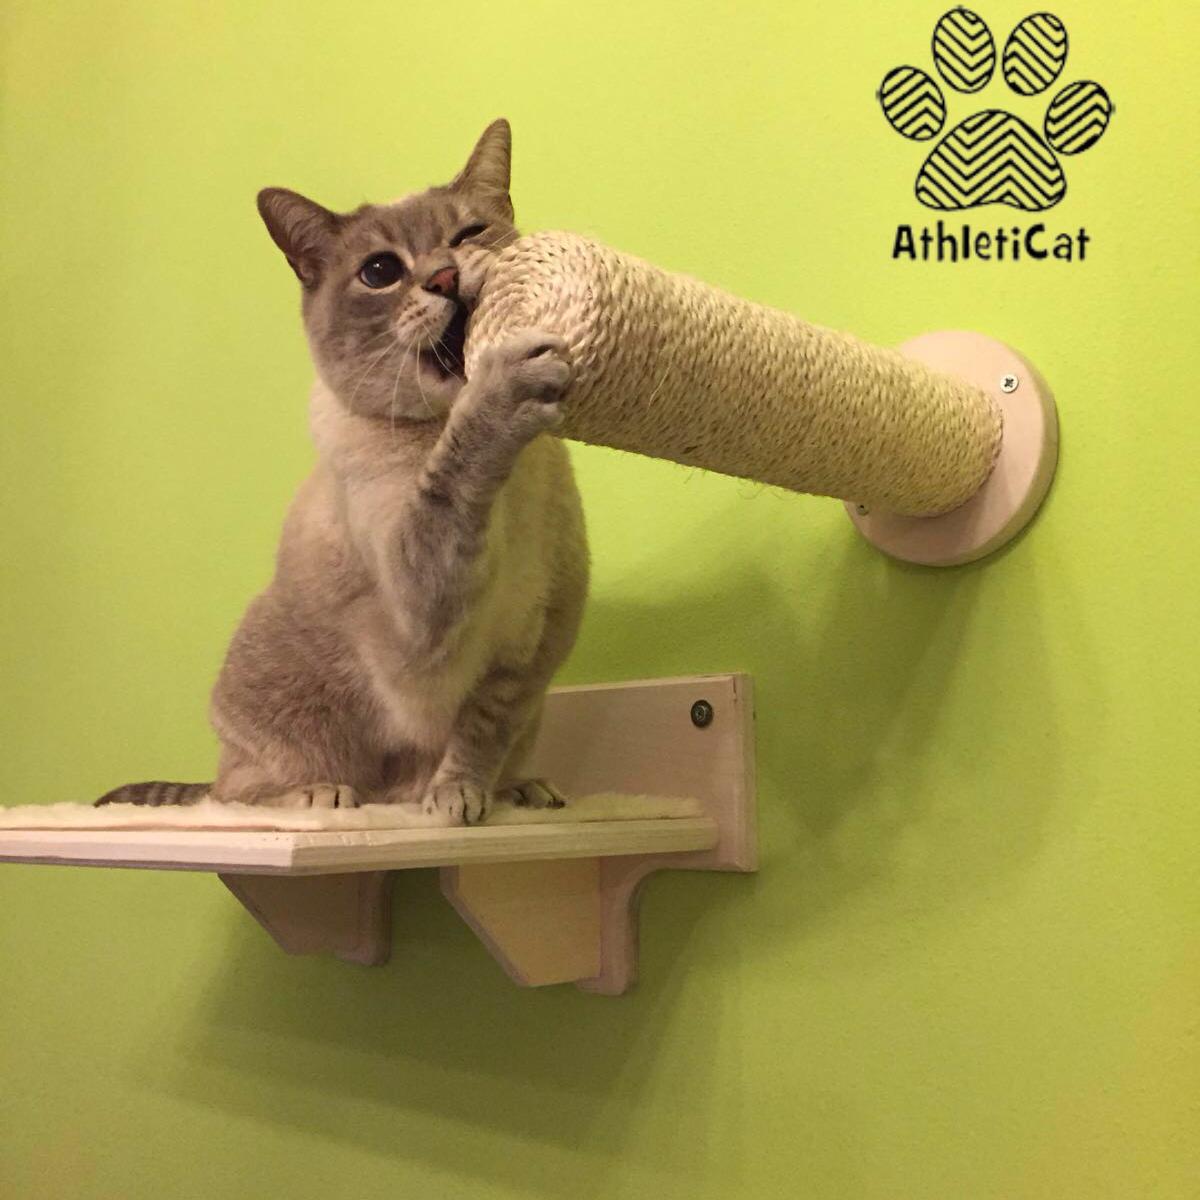 Parete per gatti in legno athleticat